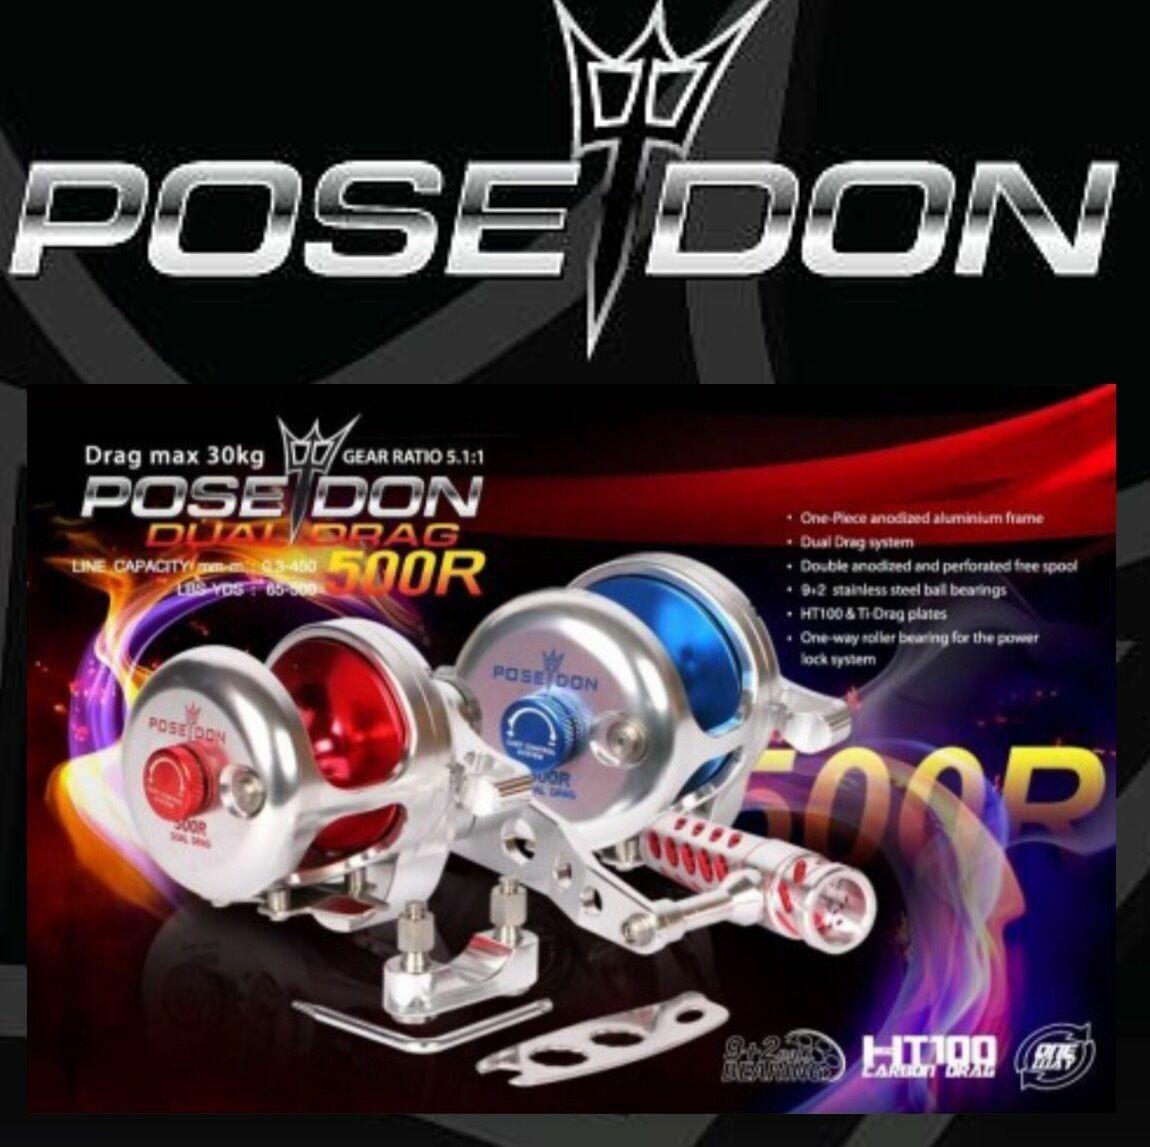 Poseidon Dual Drag  Ii Speed Jigging Reel 500R